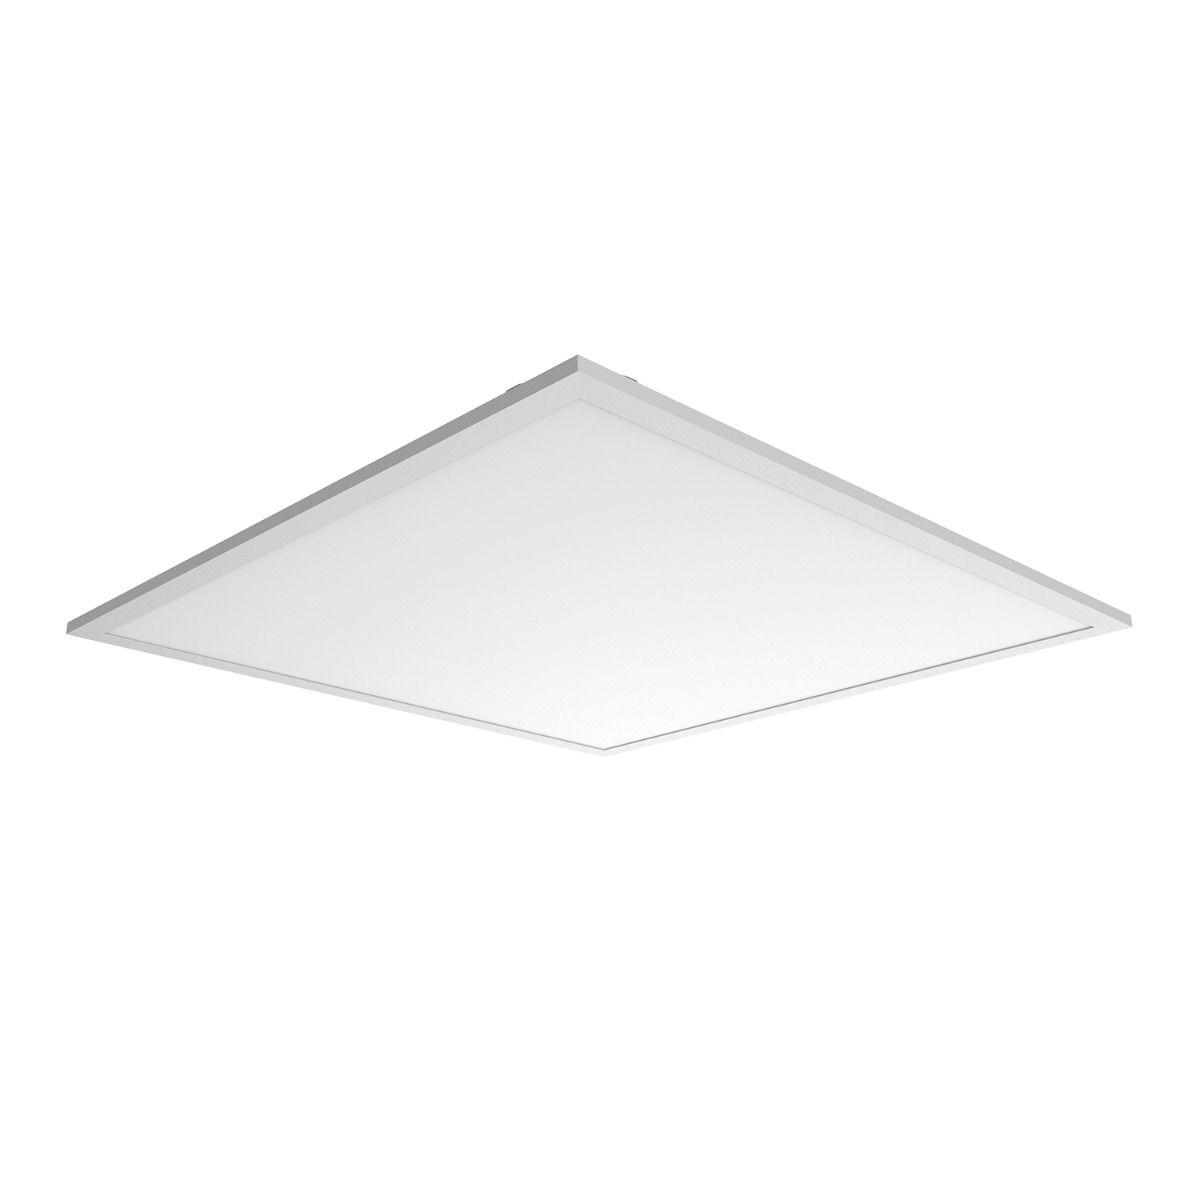 Noxion Panneau LED Delta Pro V3 30W 3000K 3960lm 60x60cm UGR <22 | Blanc Chaud - Substitut 4x18W